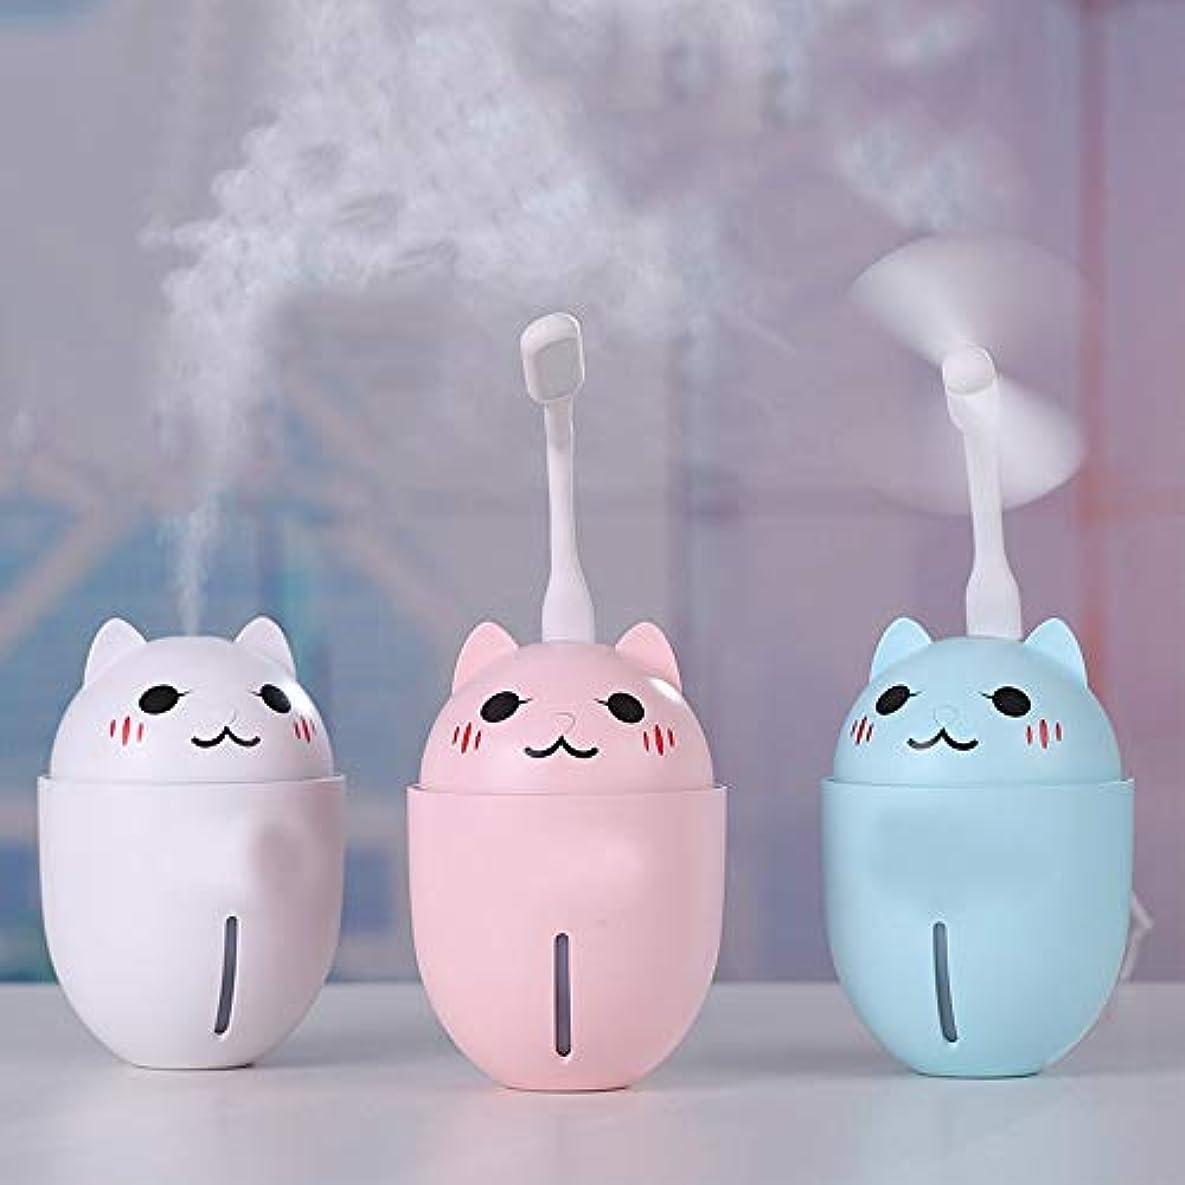 滅びる共同選択切断するZXF 新しいクリエイティブかわいいペット猫加湿器家庭用電化製品3つ1つでミニusb水道メーターファンナイトライトブルーピンクホワイト 滑らかである (色 : Pink)